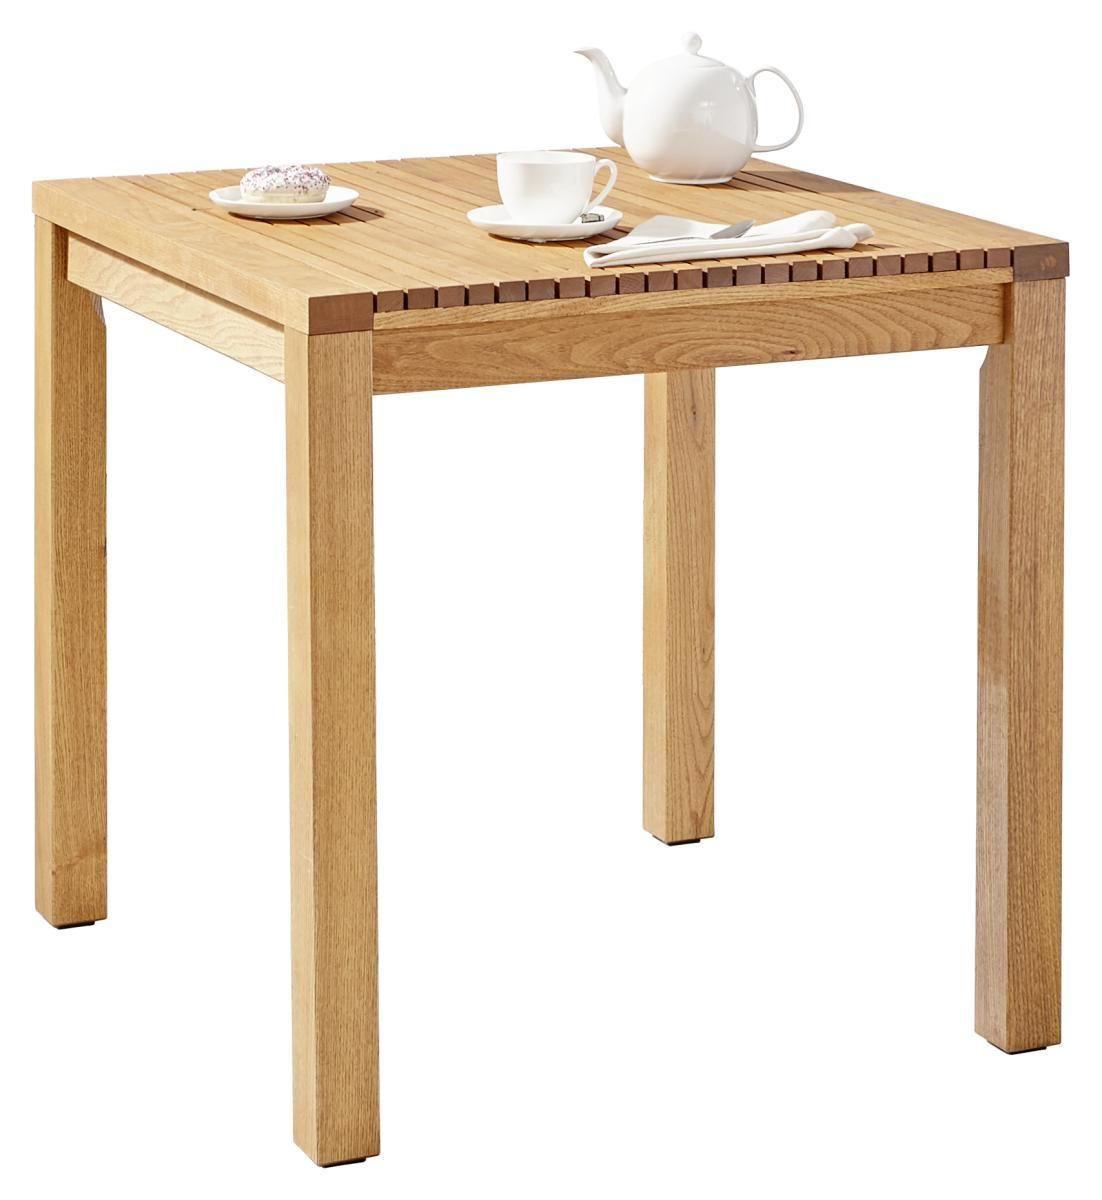 Kleiner Gartentisch Holz Gallery Of Awesome Beste Klapp Gartentisch